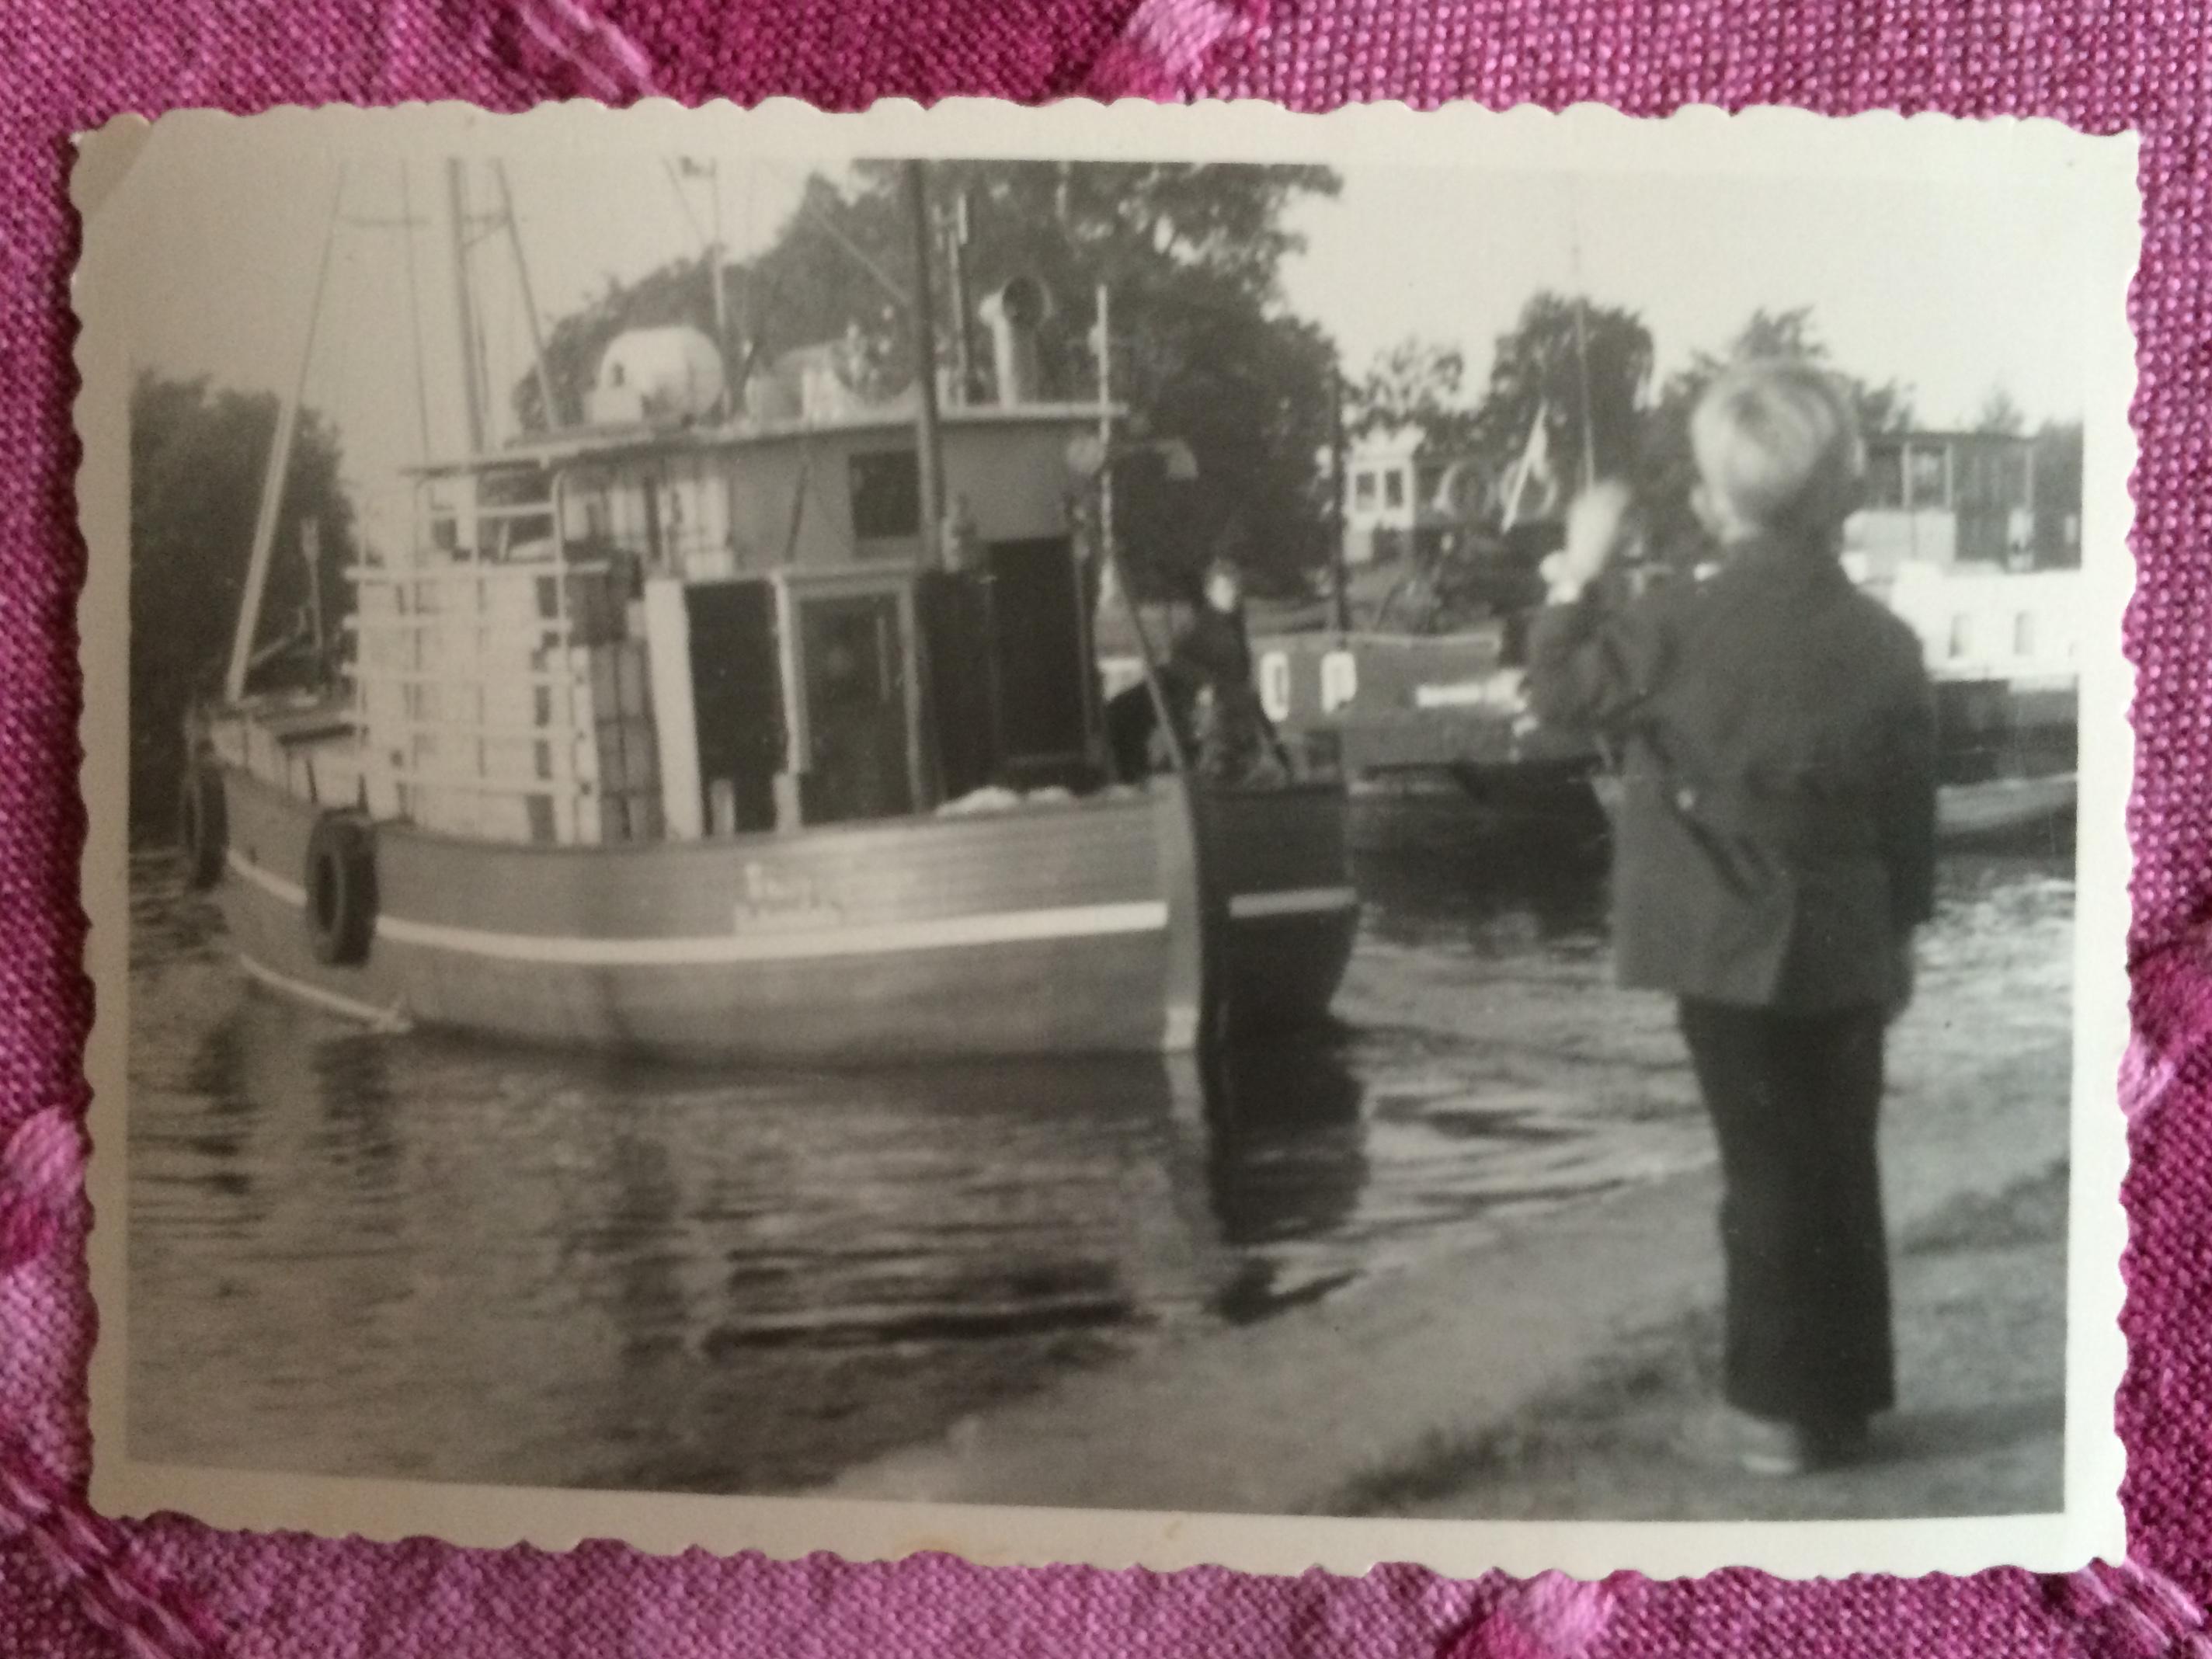 Leinen los: Manfred Braun sticht in See, sein See winkt vom Ufer